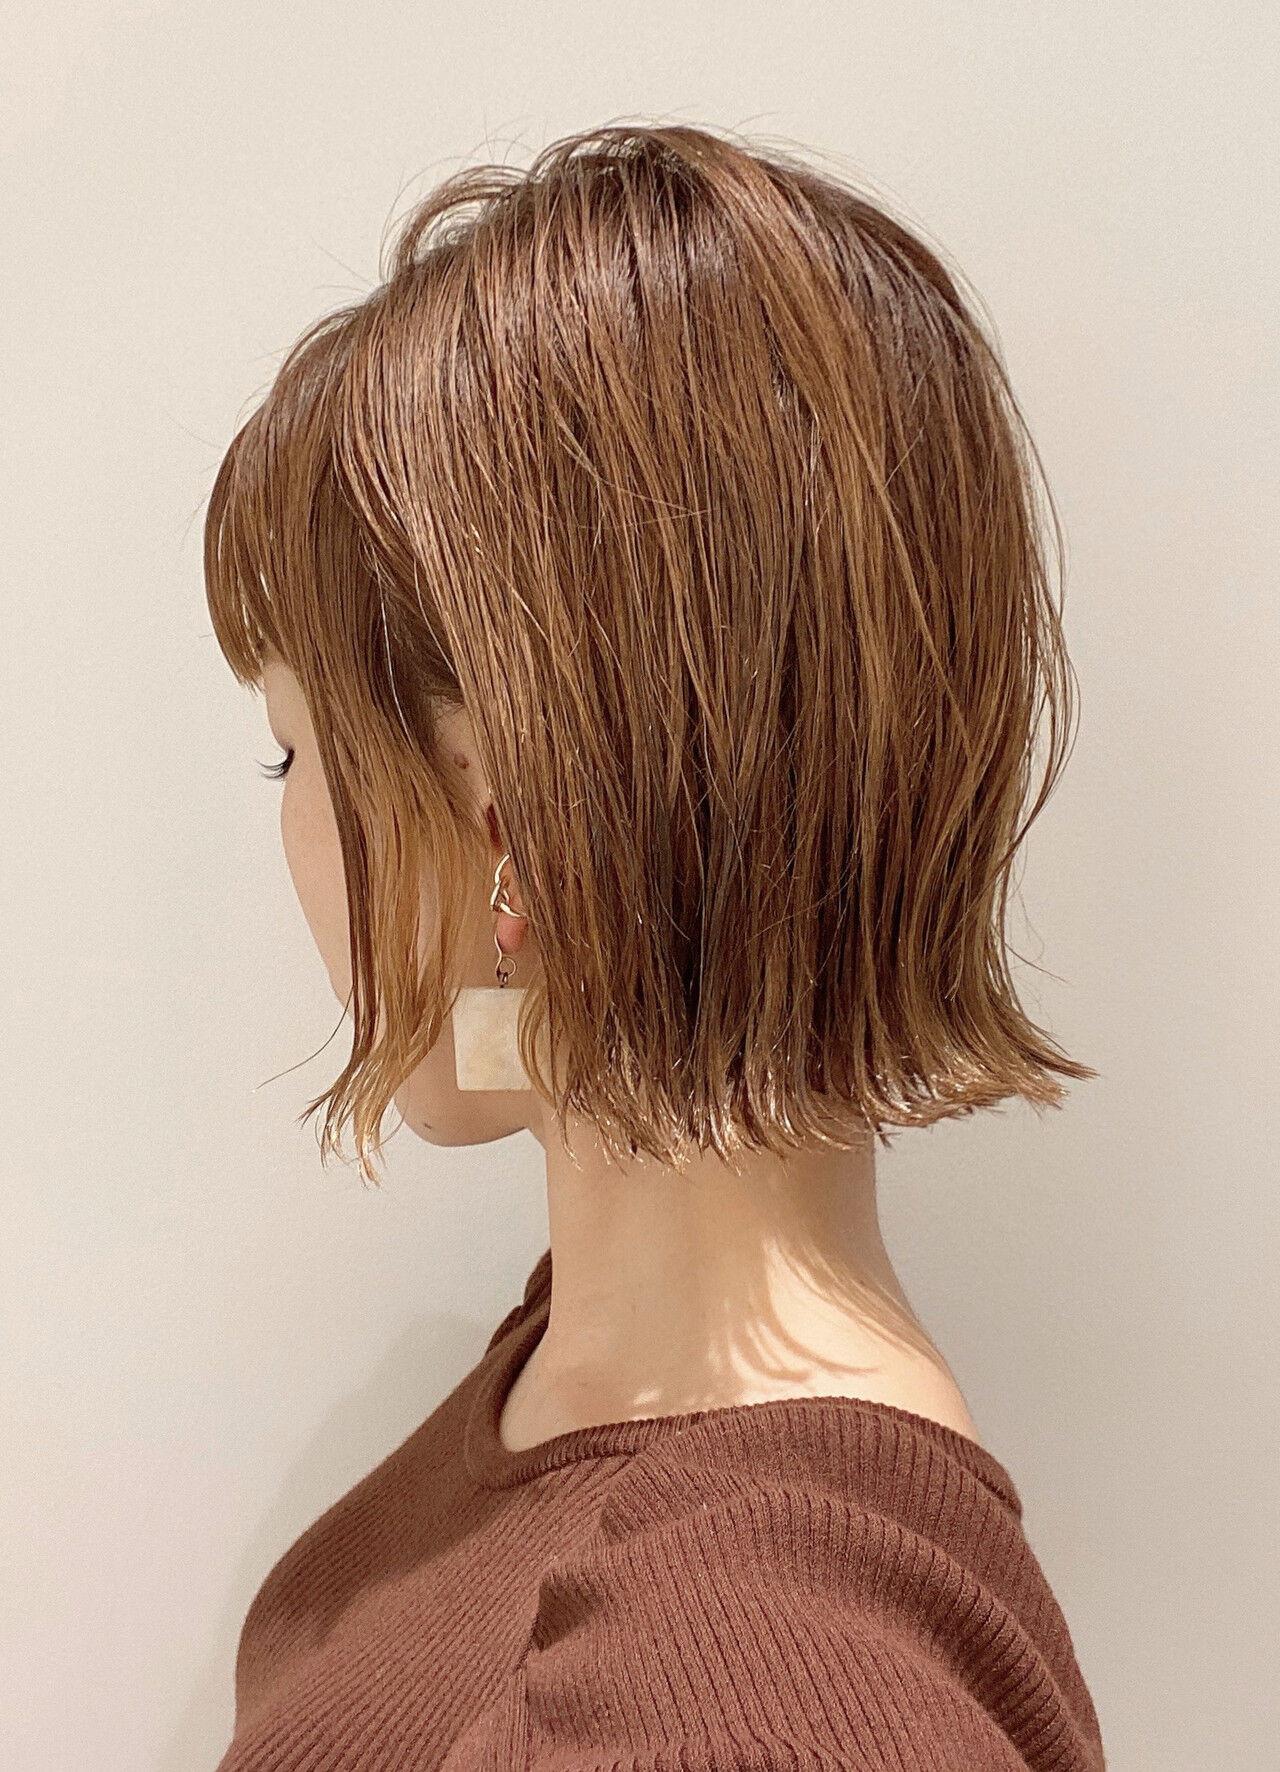 ボブ 切りっぱなしボブ 外ハネボブ ショートボブ ヘアスタイルや髪型の写真・画像